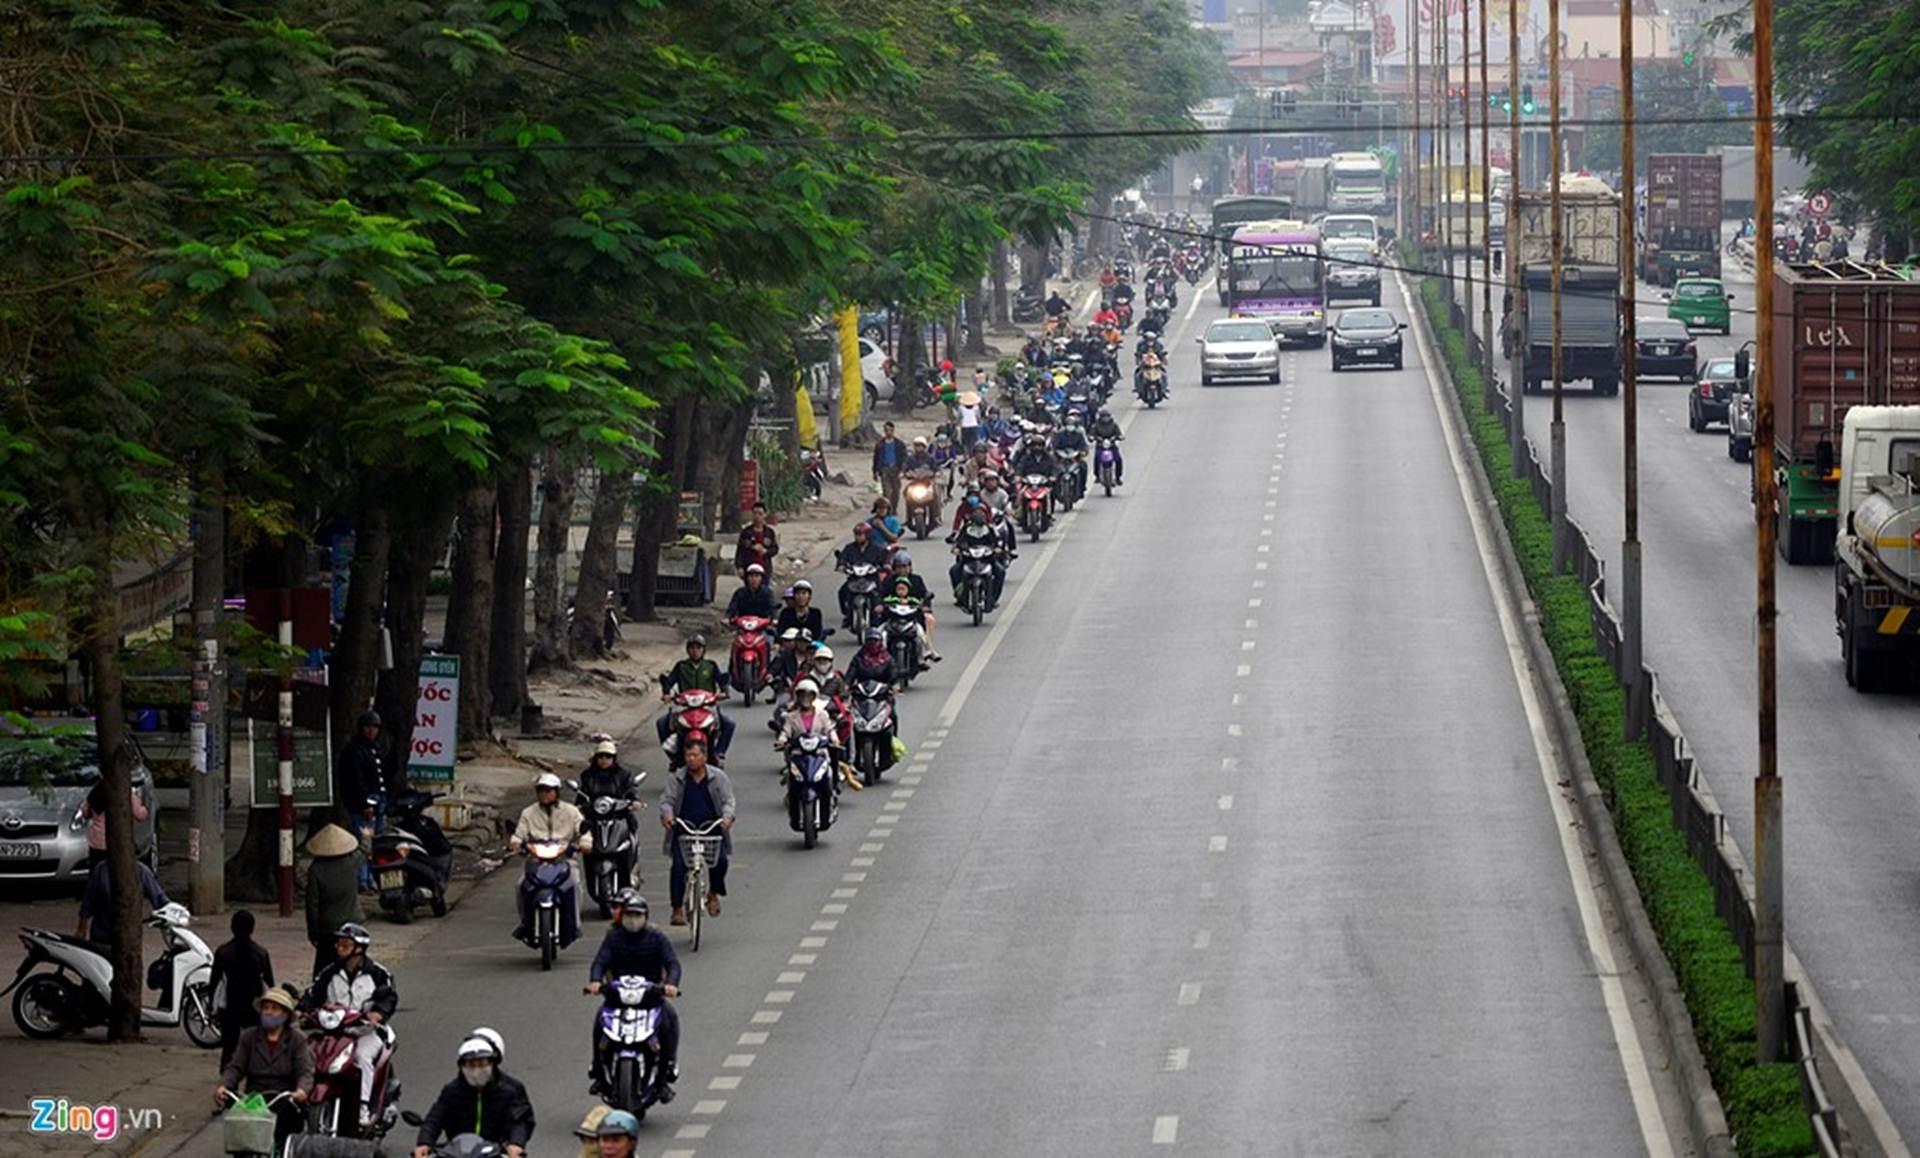 Những người từ địa phương khác về đất cảng ngạc nhiên khi thấy trên đường Nguyễn Văn Linh dài gần 10 km, người lái xe máy nghiêm chỉnh chấp hành luật giao ...